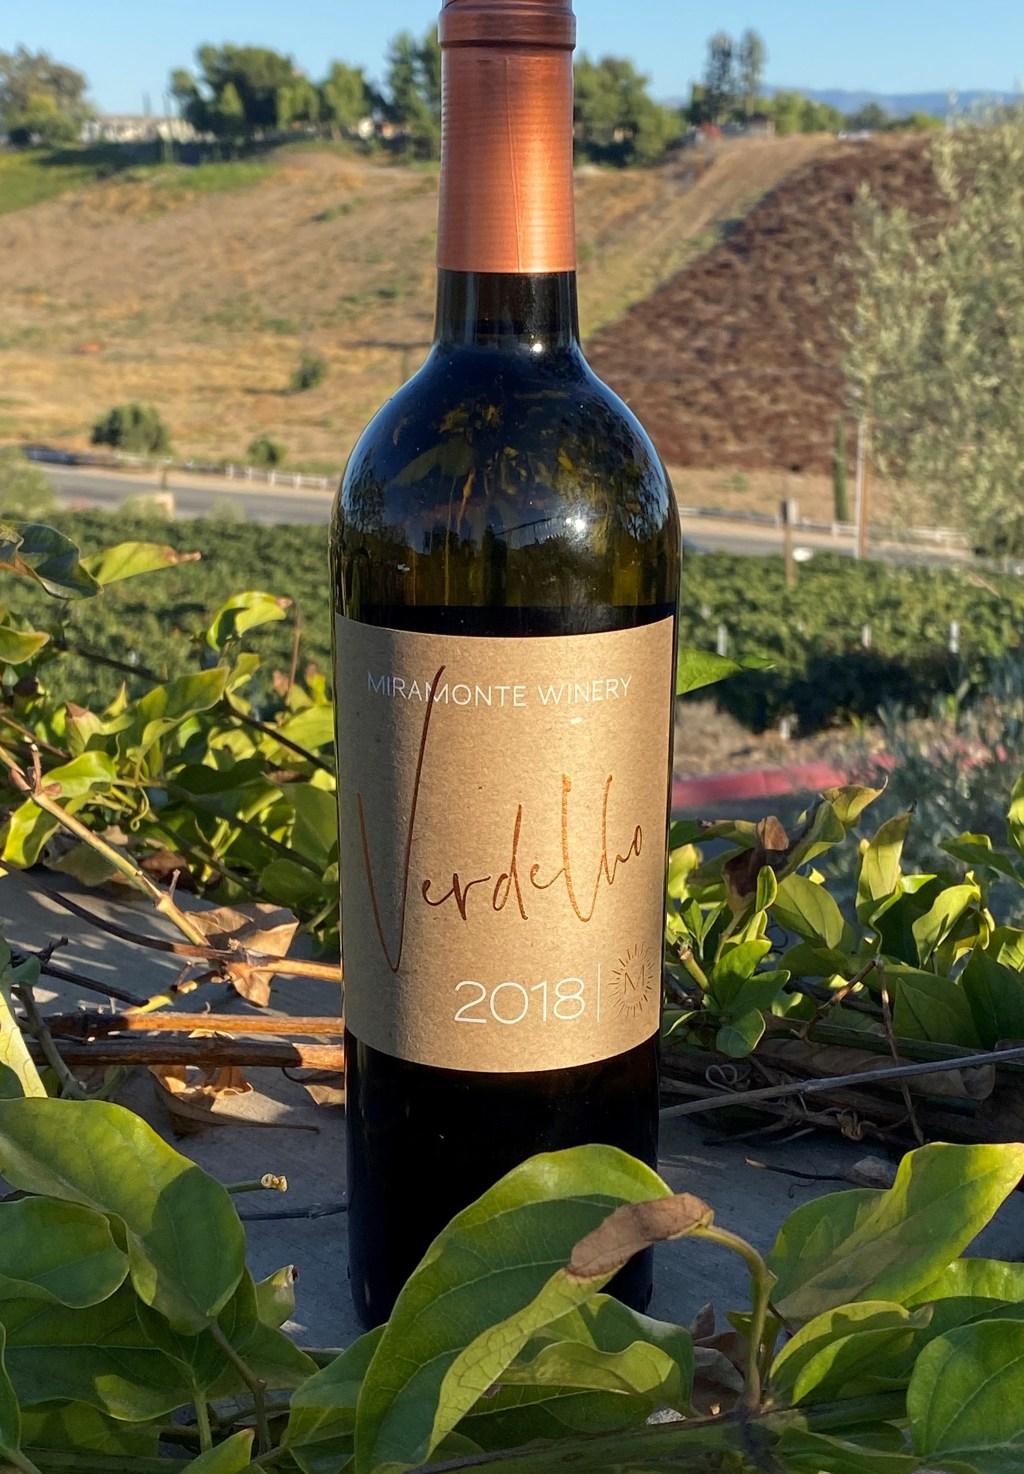 Miramonte Winery 2018 Verdelho